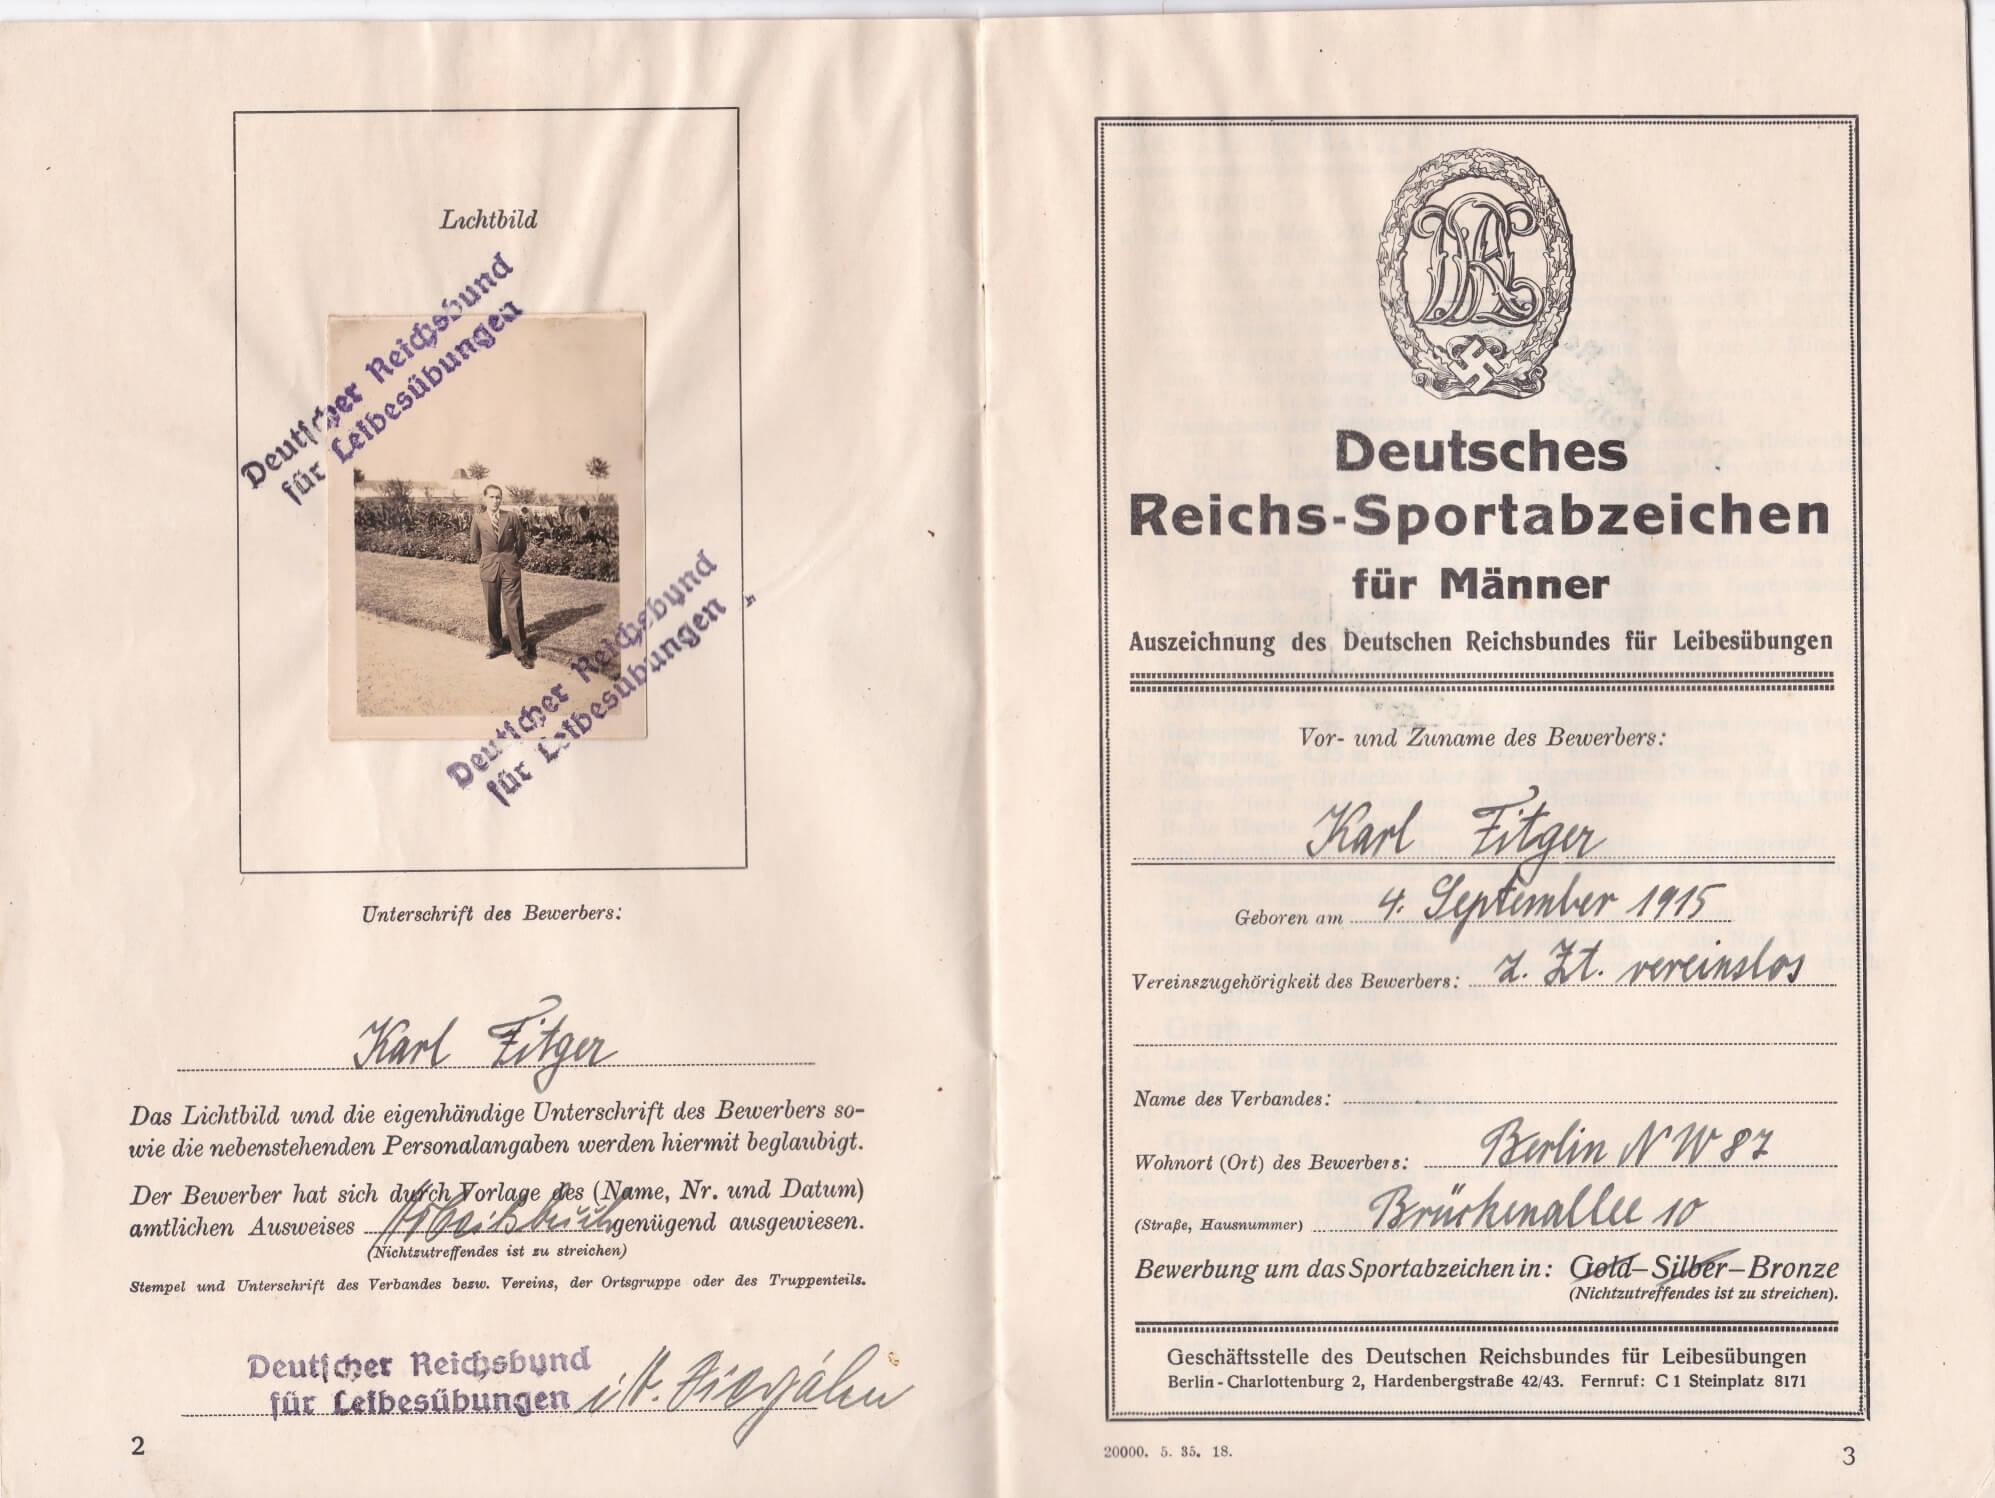 Reichssportabzeichen Deutscher Reichsbund fur Leibesubungen